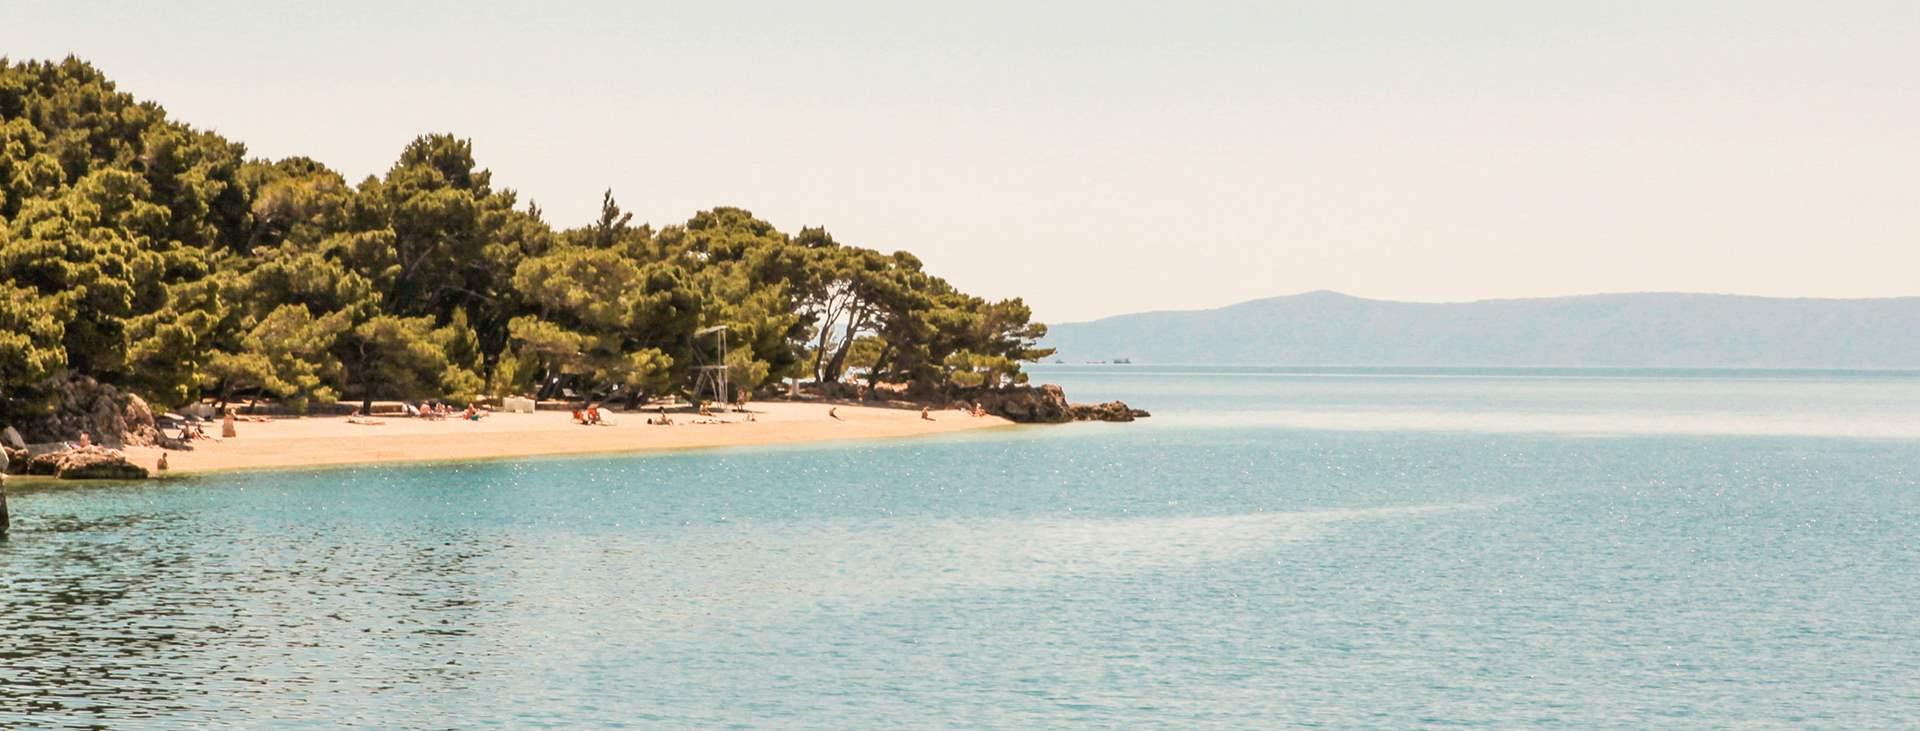 Bestill en reise til Makarska Riviera i Kroatia med Ving